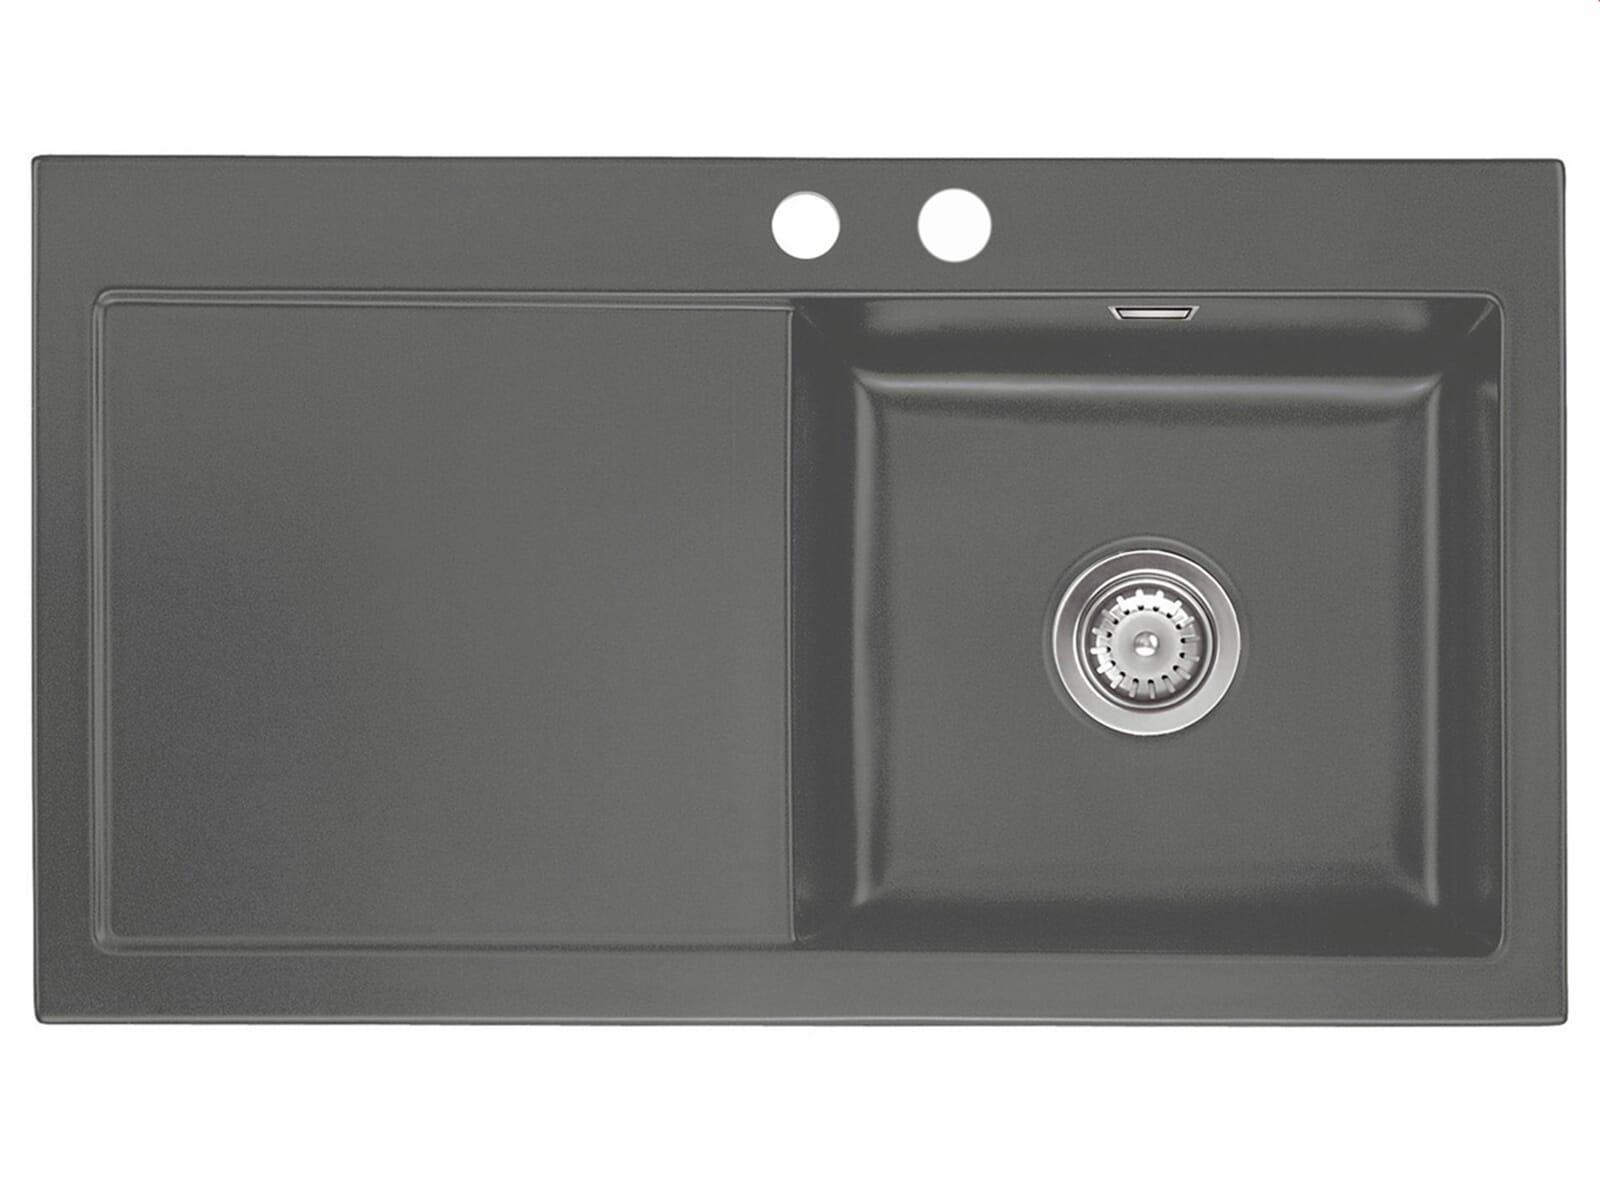 Systemceram Mera 90 Lava Keramikspüle Handbetätigung inkl. Hahnlöcher und CleanPlus